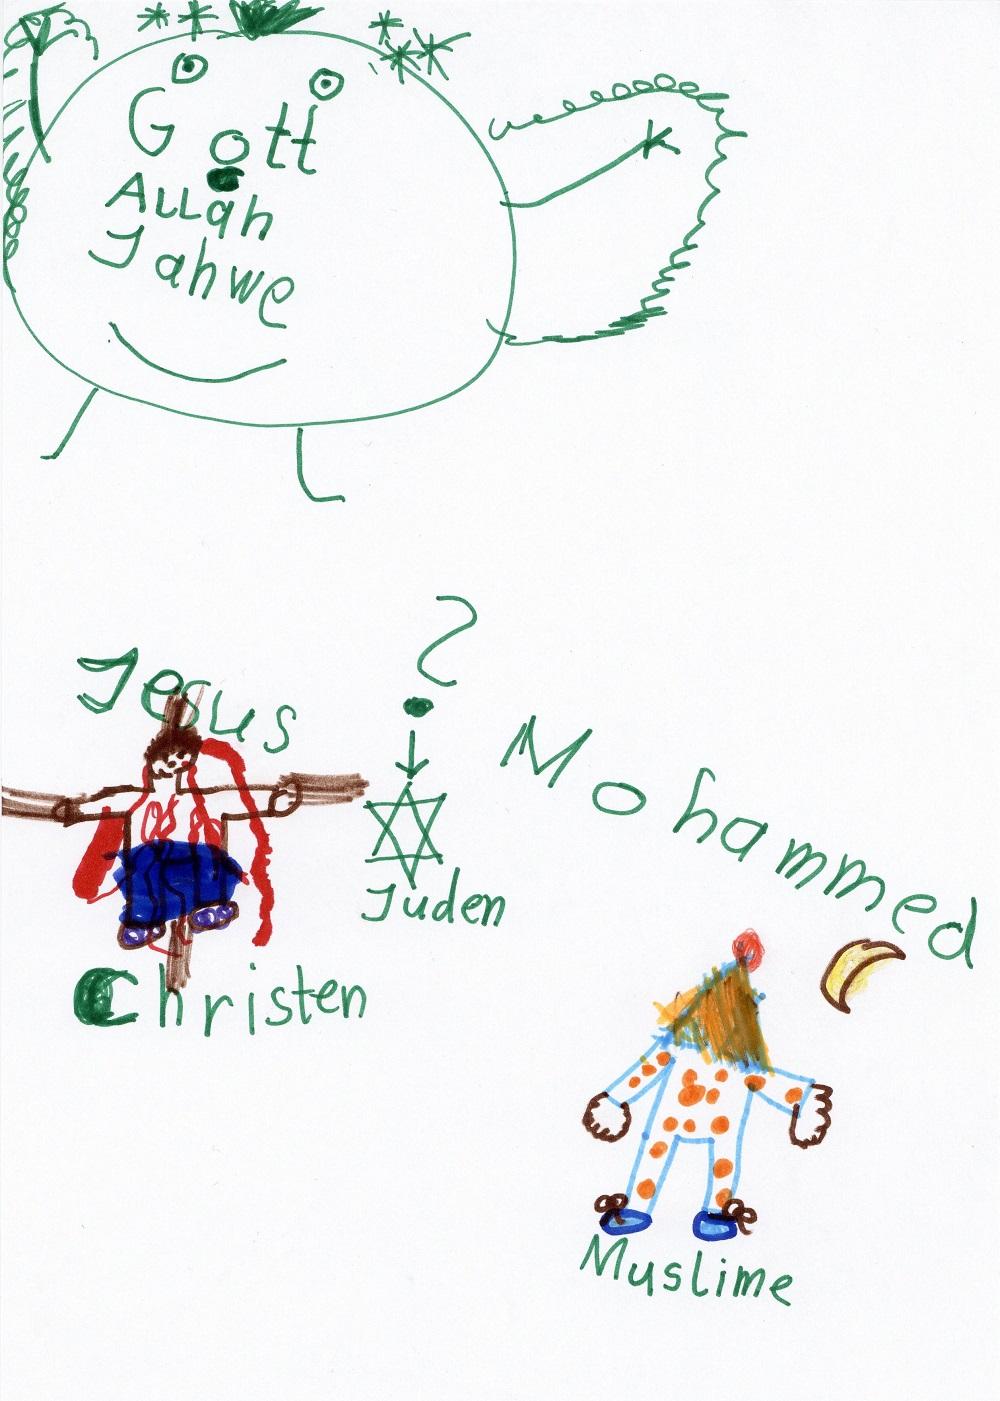 """Unsere """"Religionszeichnung"""": Christen, Muslime und Juden glauben an eine göttliche Kraft. Dessen """"Bote"""" ist für Christen Jesus, für Muslime Mohammed. Jüdische Gläubige warten noch auf ihn (deshalb das Fragezeichen).                           Zeichnung: Maria"""